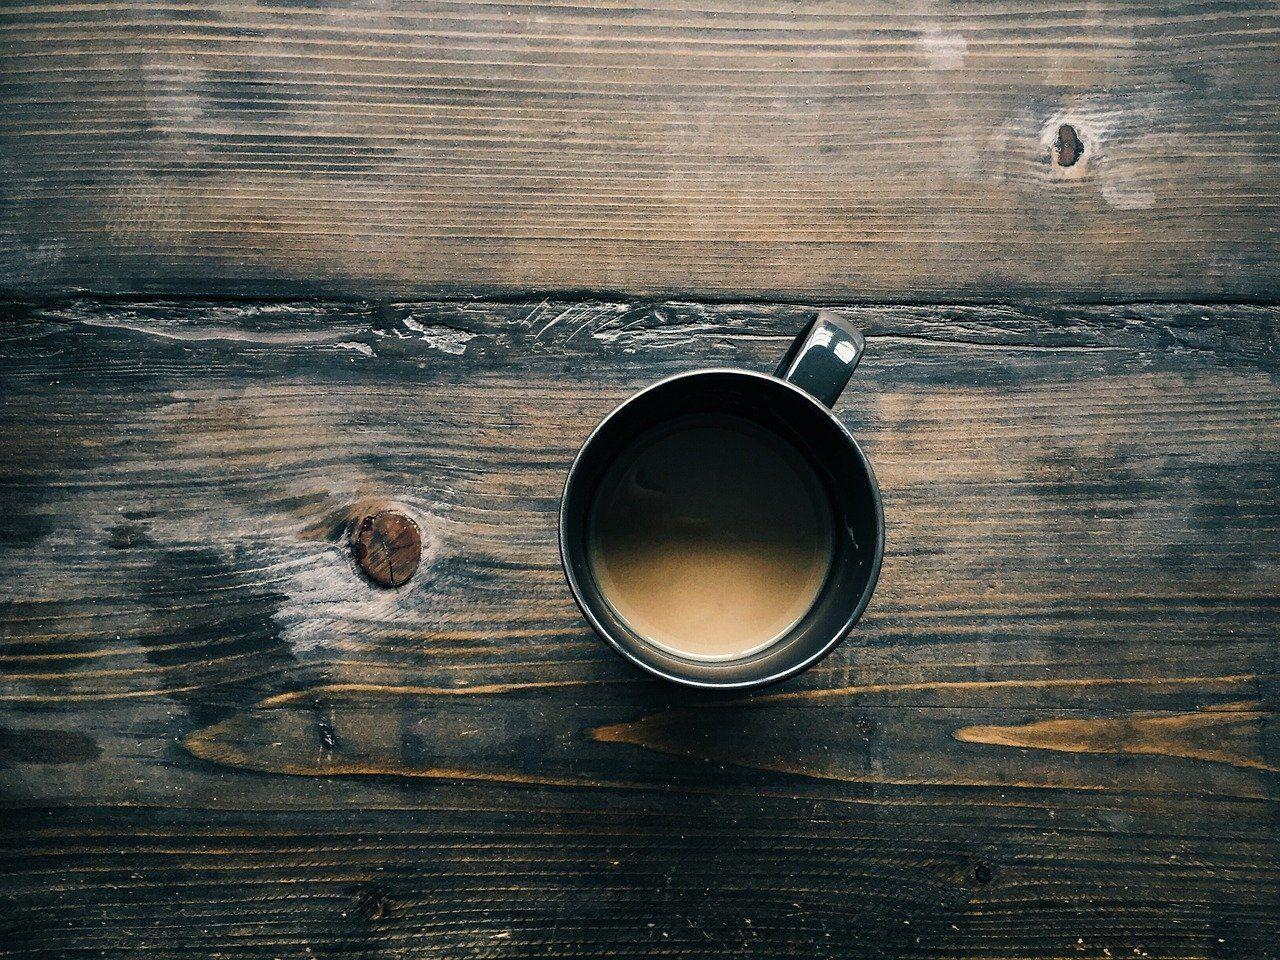 Kahve içmeyi bıraktı, başına bunlar geldi... Kahveyi bırakmadan önce bir kez daha düşünün - Sayfa:3